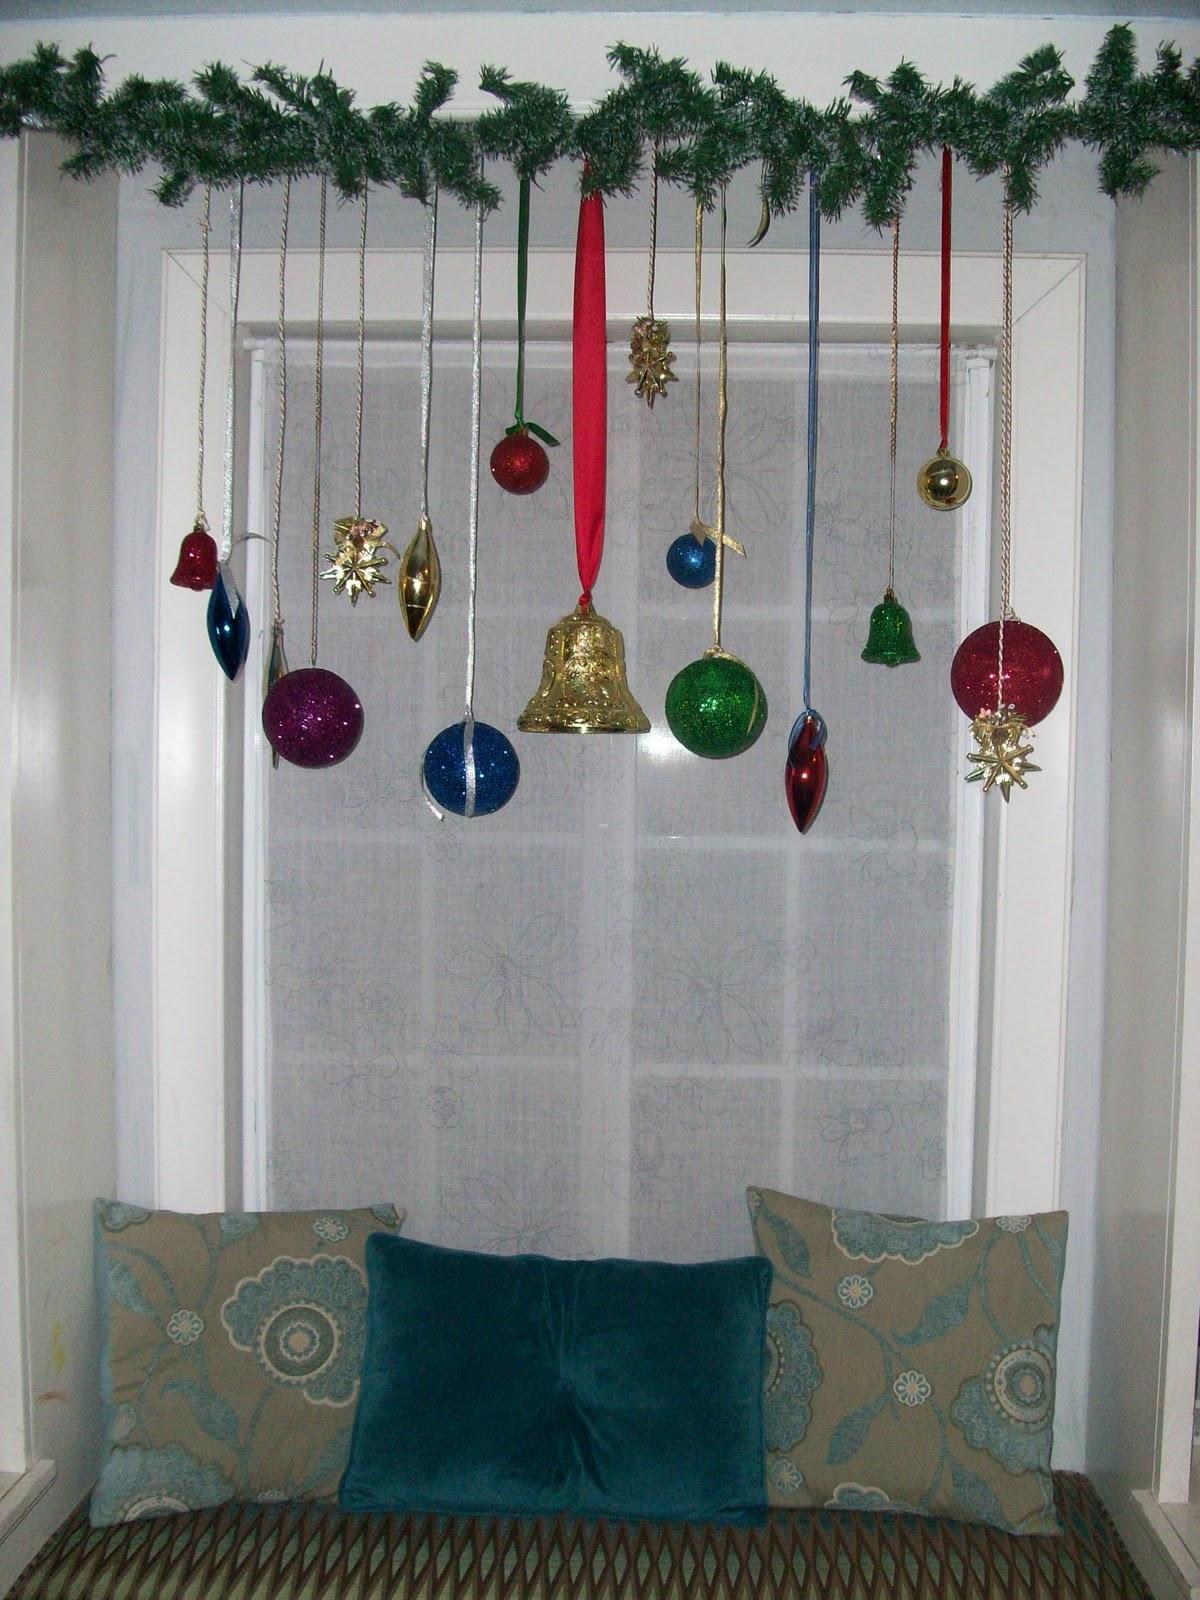 Decoracion Ventanas Navidad ~   aqu? la versi?n Tit? de esta formidable idea para decorar ventanas